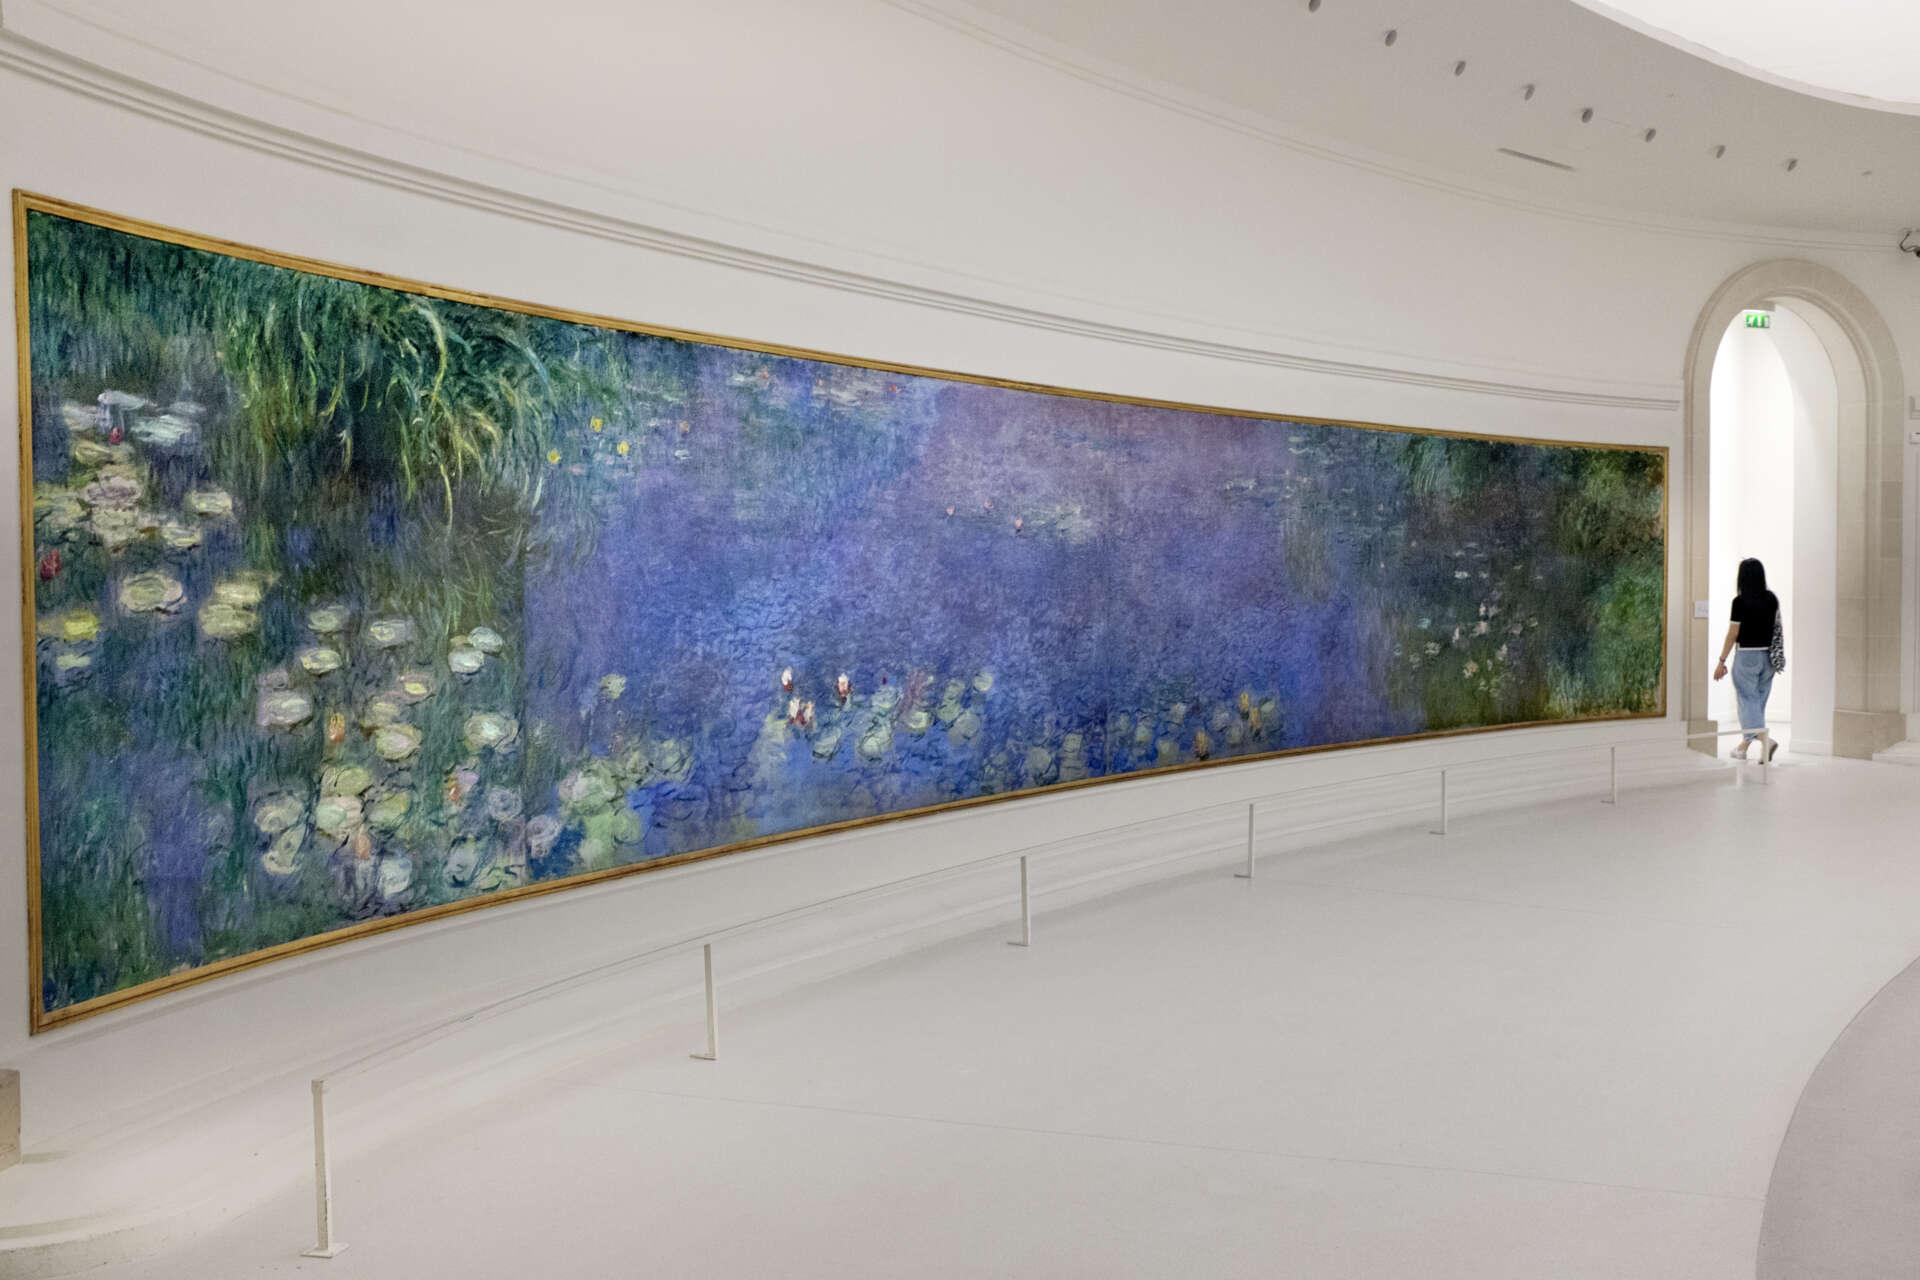 Musée de l'Orangerie, Les Nymphéas, Claude Monet, Destination impressionniste, © F. Carovillano pour Ooshot, CRT IDF